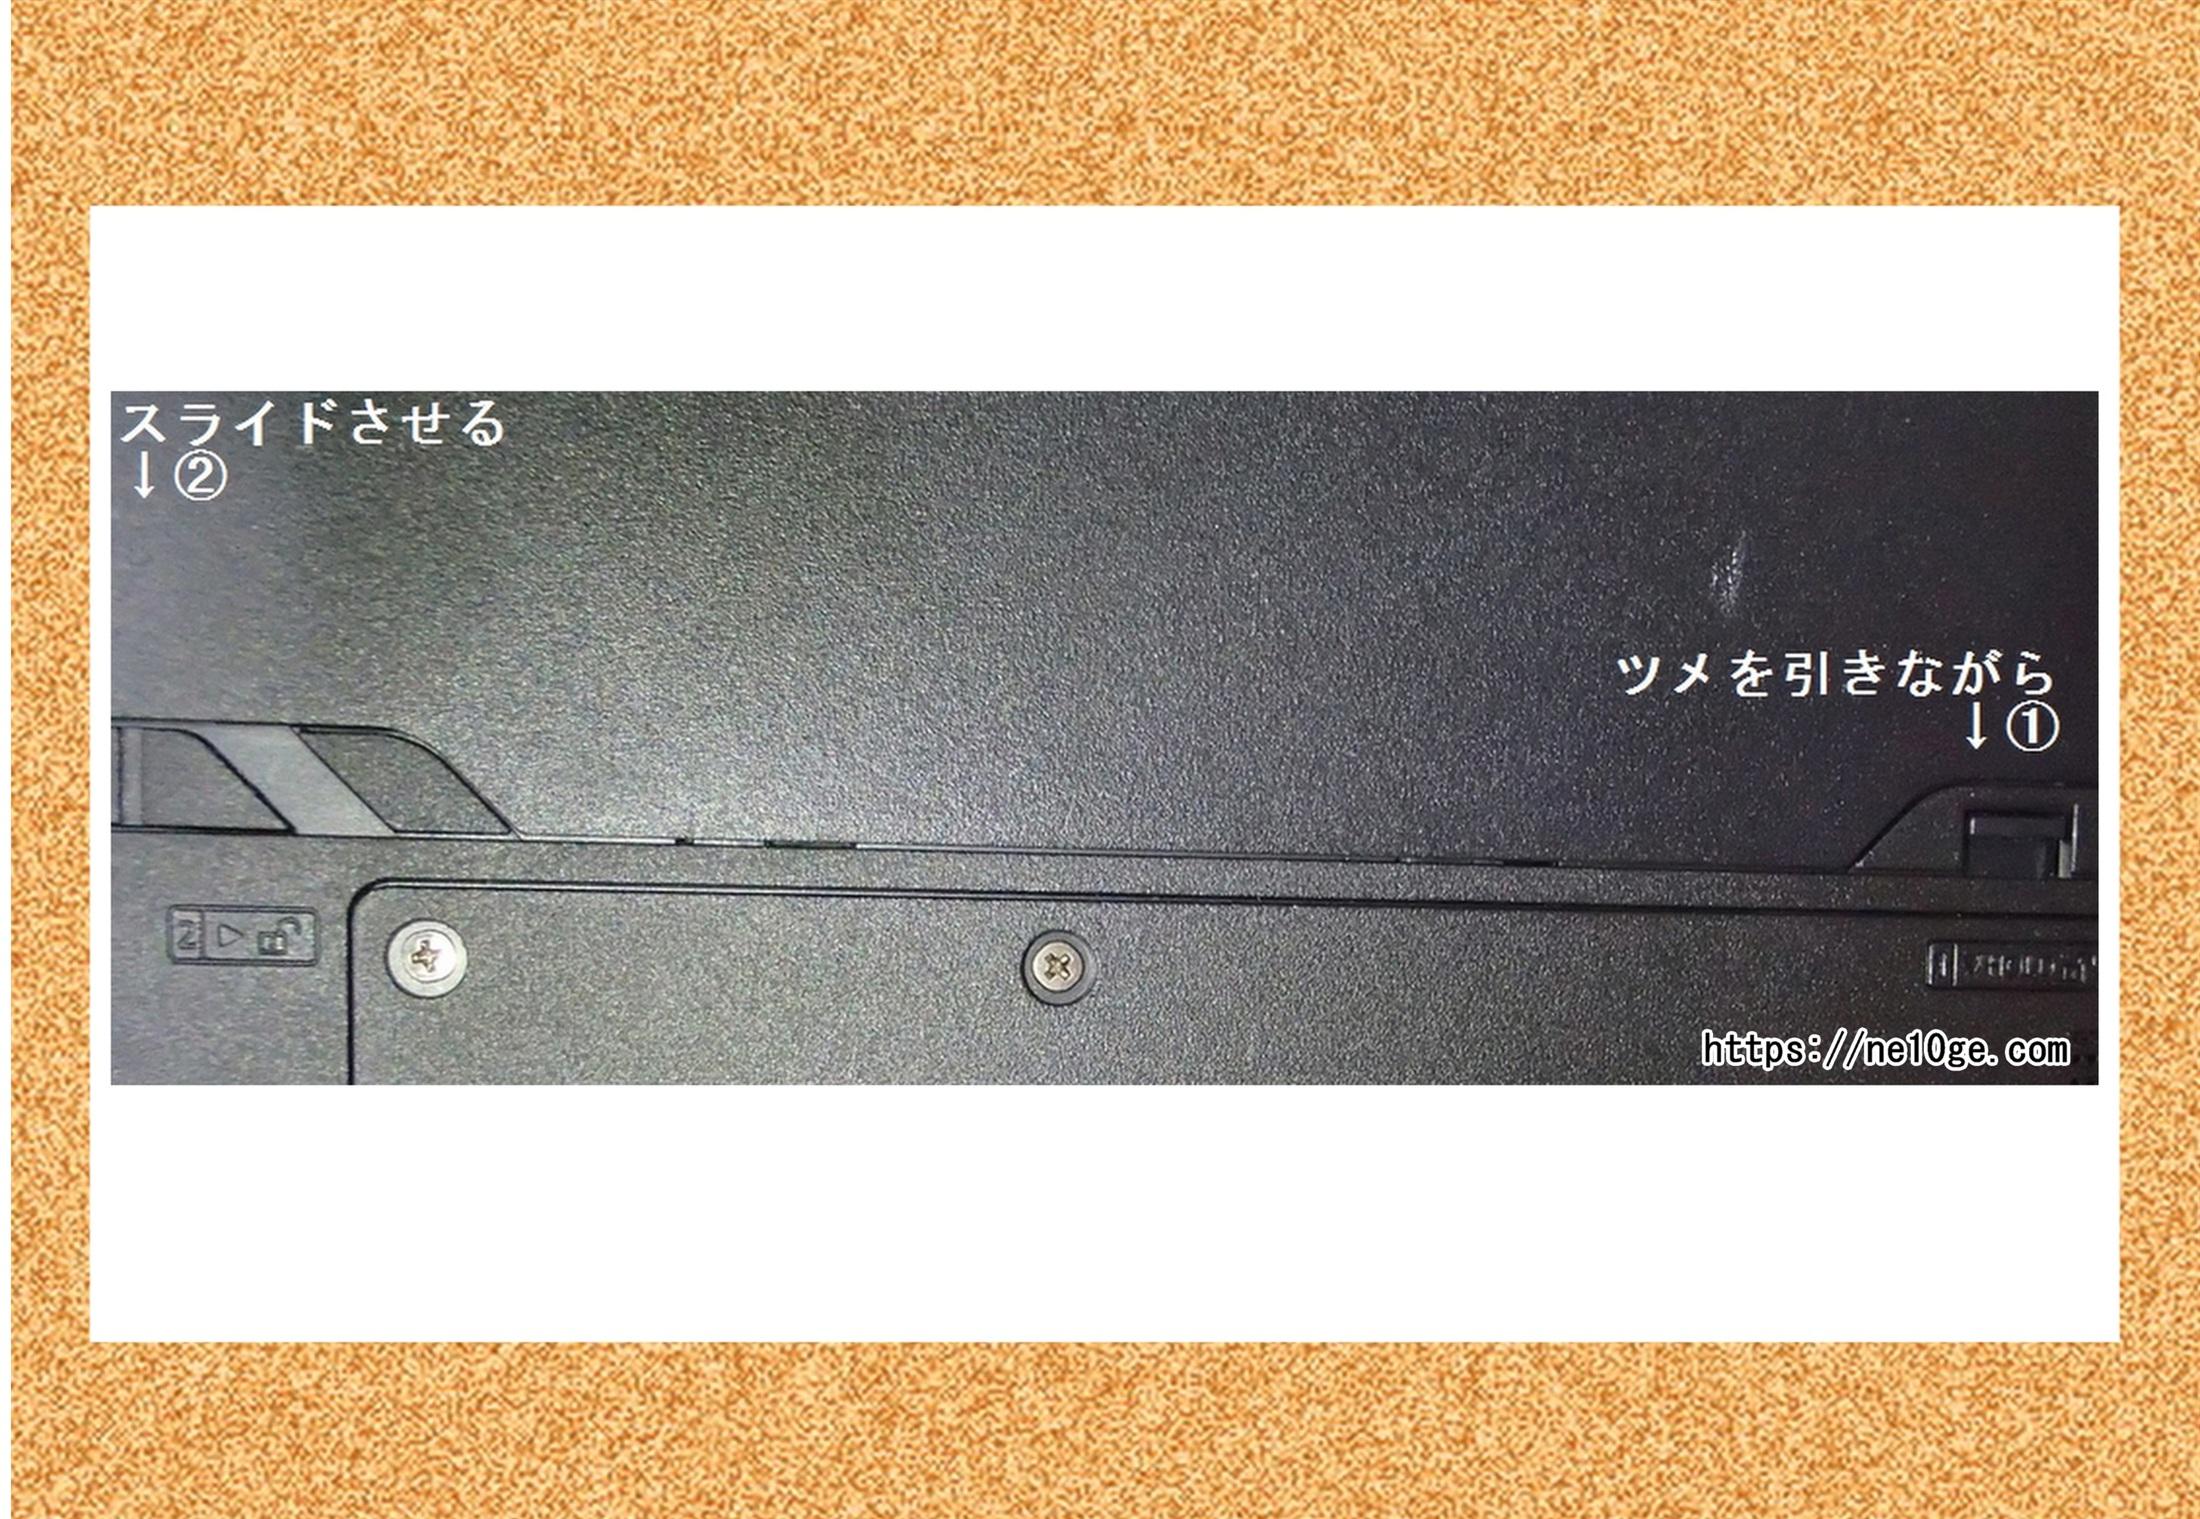 富士通のノートパソコンのバッテリ(電池パック)の外した方